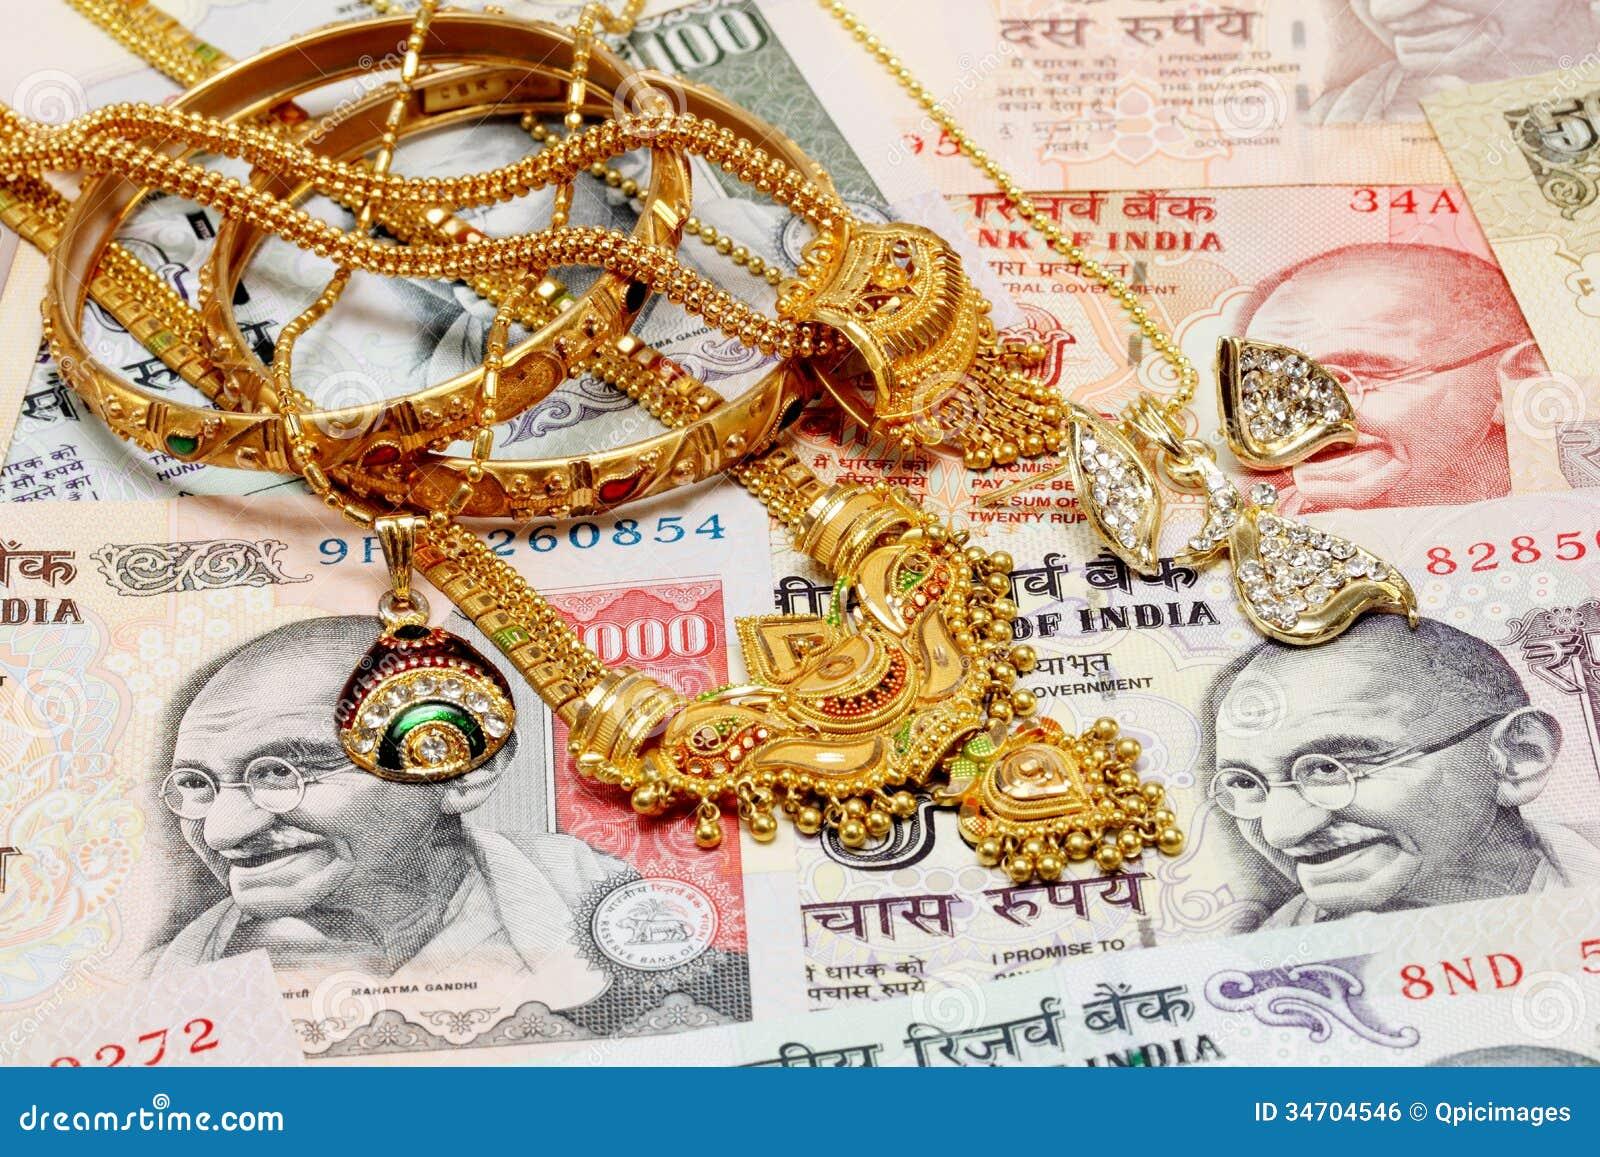 money-place-kept-double-income-dafe-lakshmi-tips